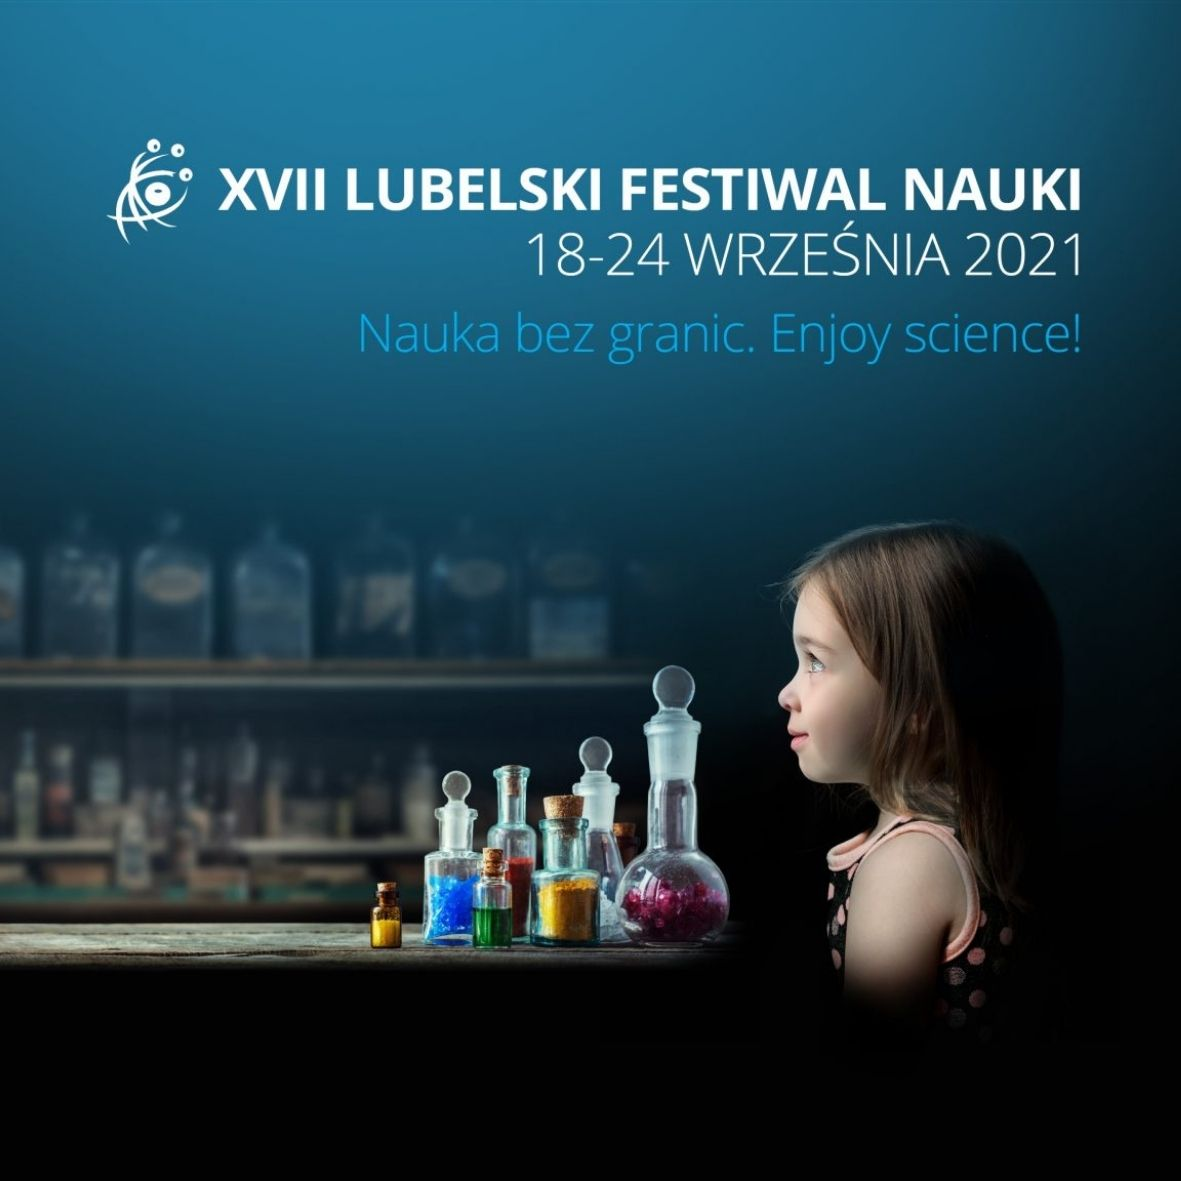 Konferencja prasowa XVII Lubelskiego Festiwalu Nauki